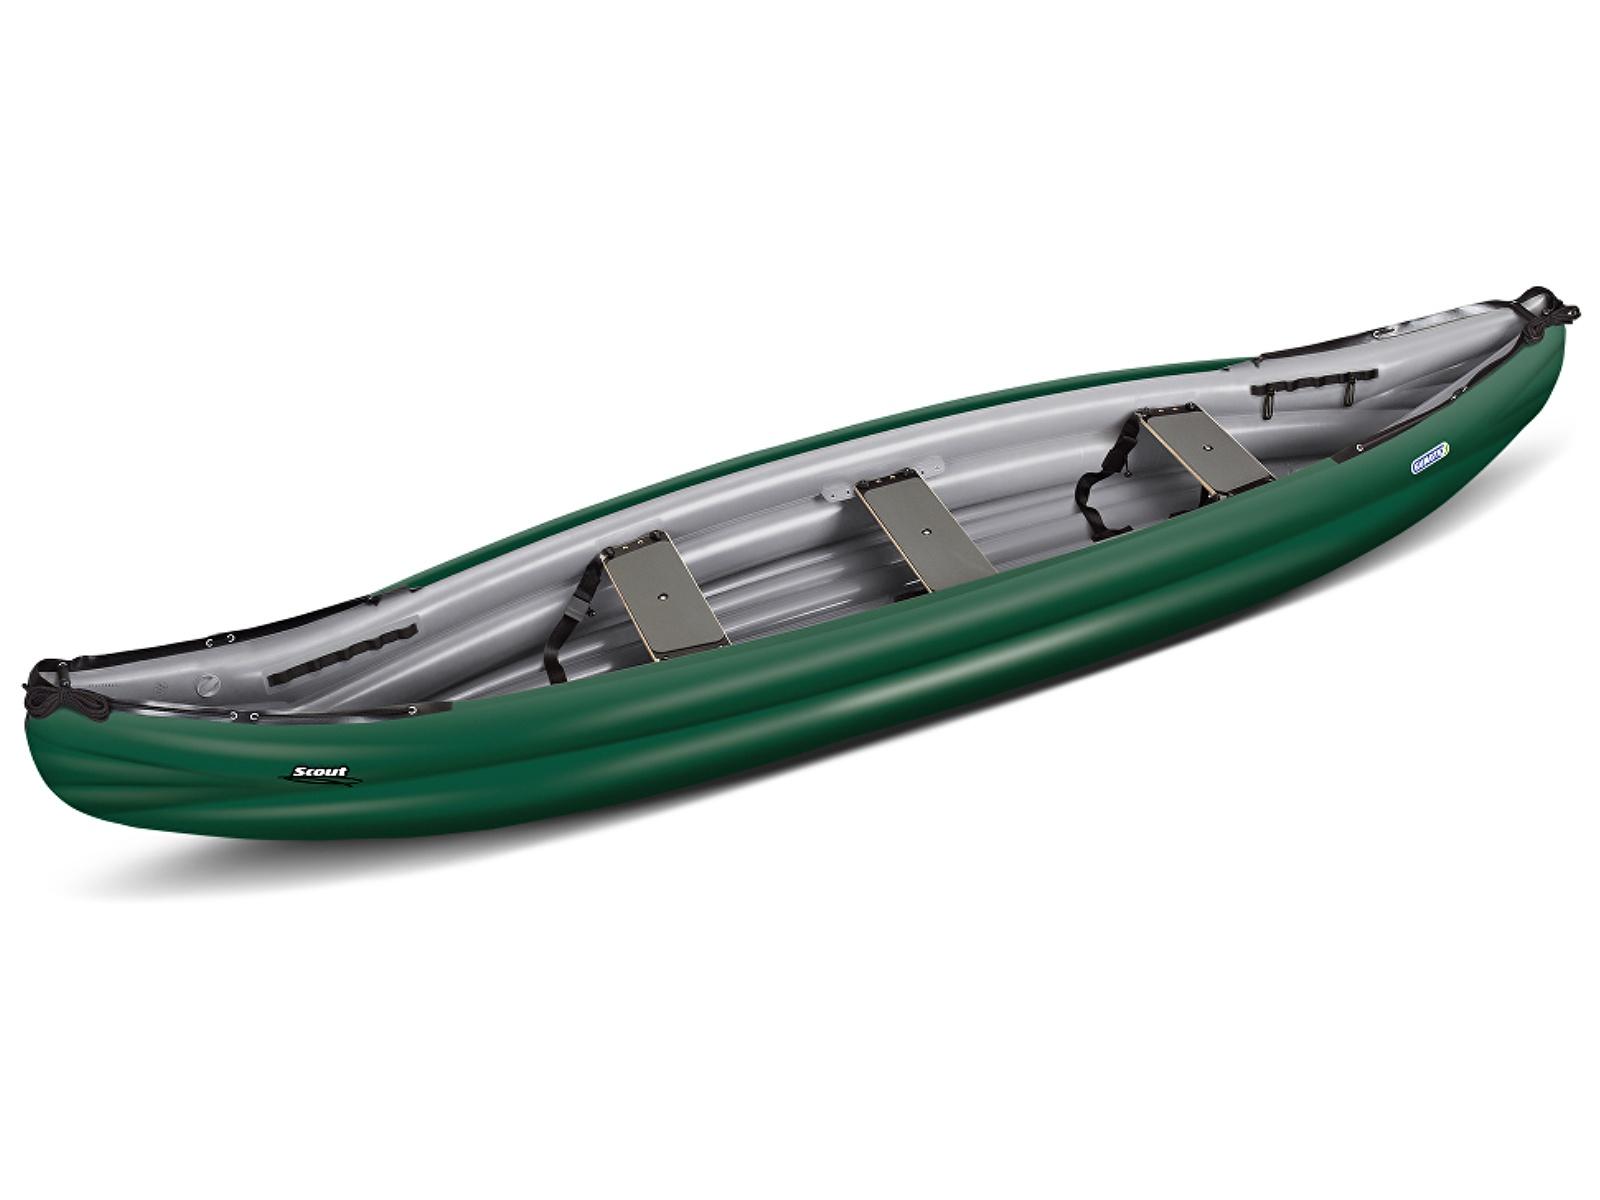 Nafukovací kanoe GUMOTEX Scout Standard zeleno-šedá